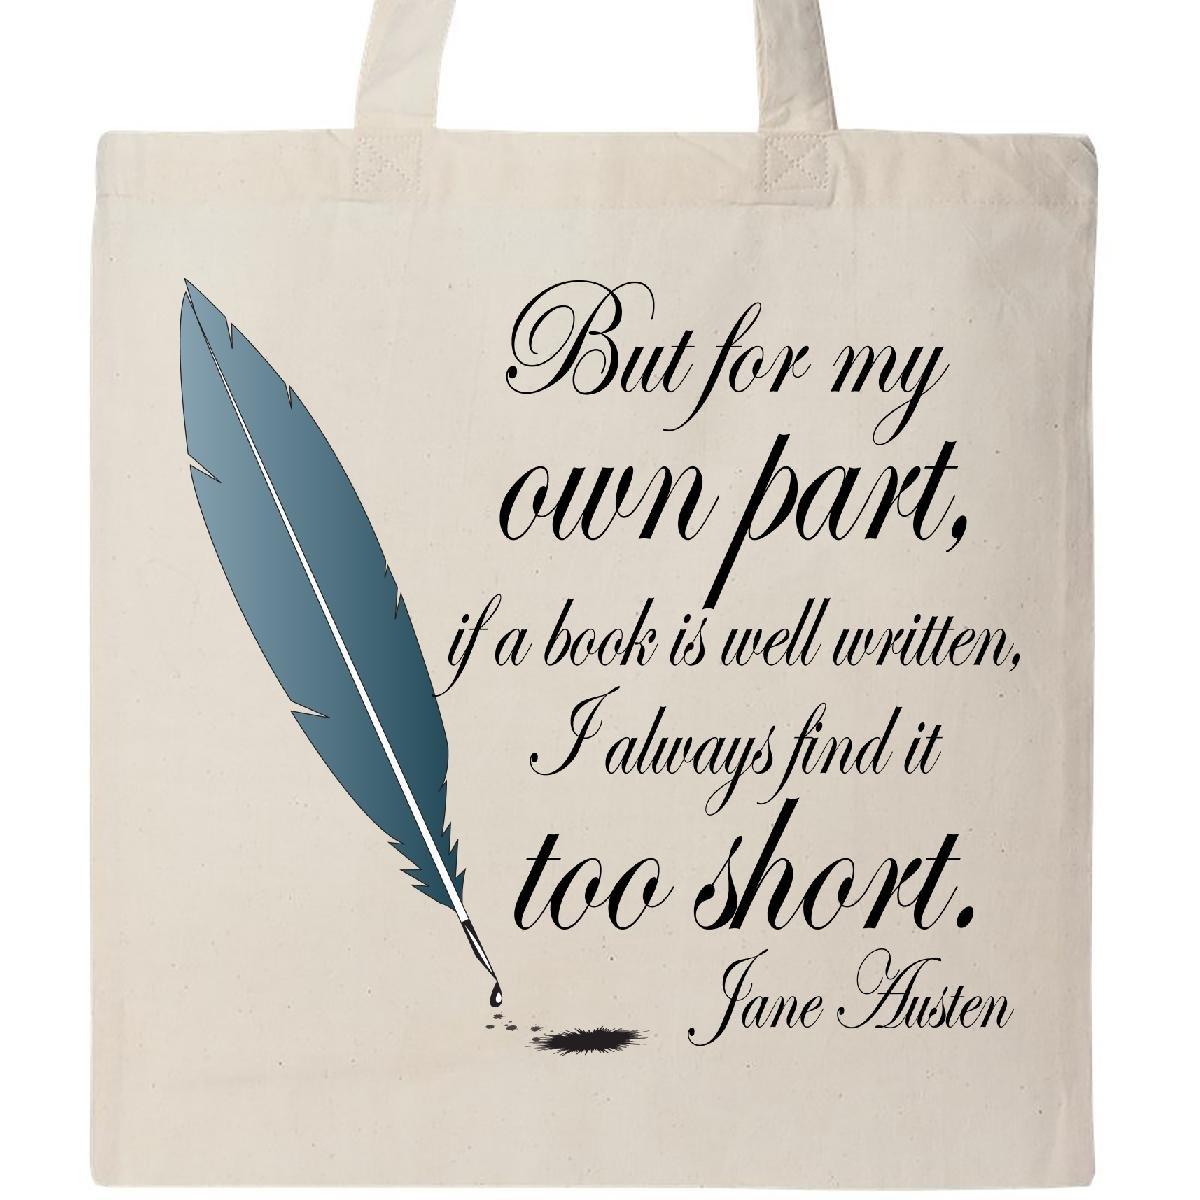 ジェインオースティンInktastic Book Quoteトートバッグ One Size 4331345368 B01515PZR6  ナチュラル